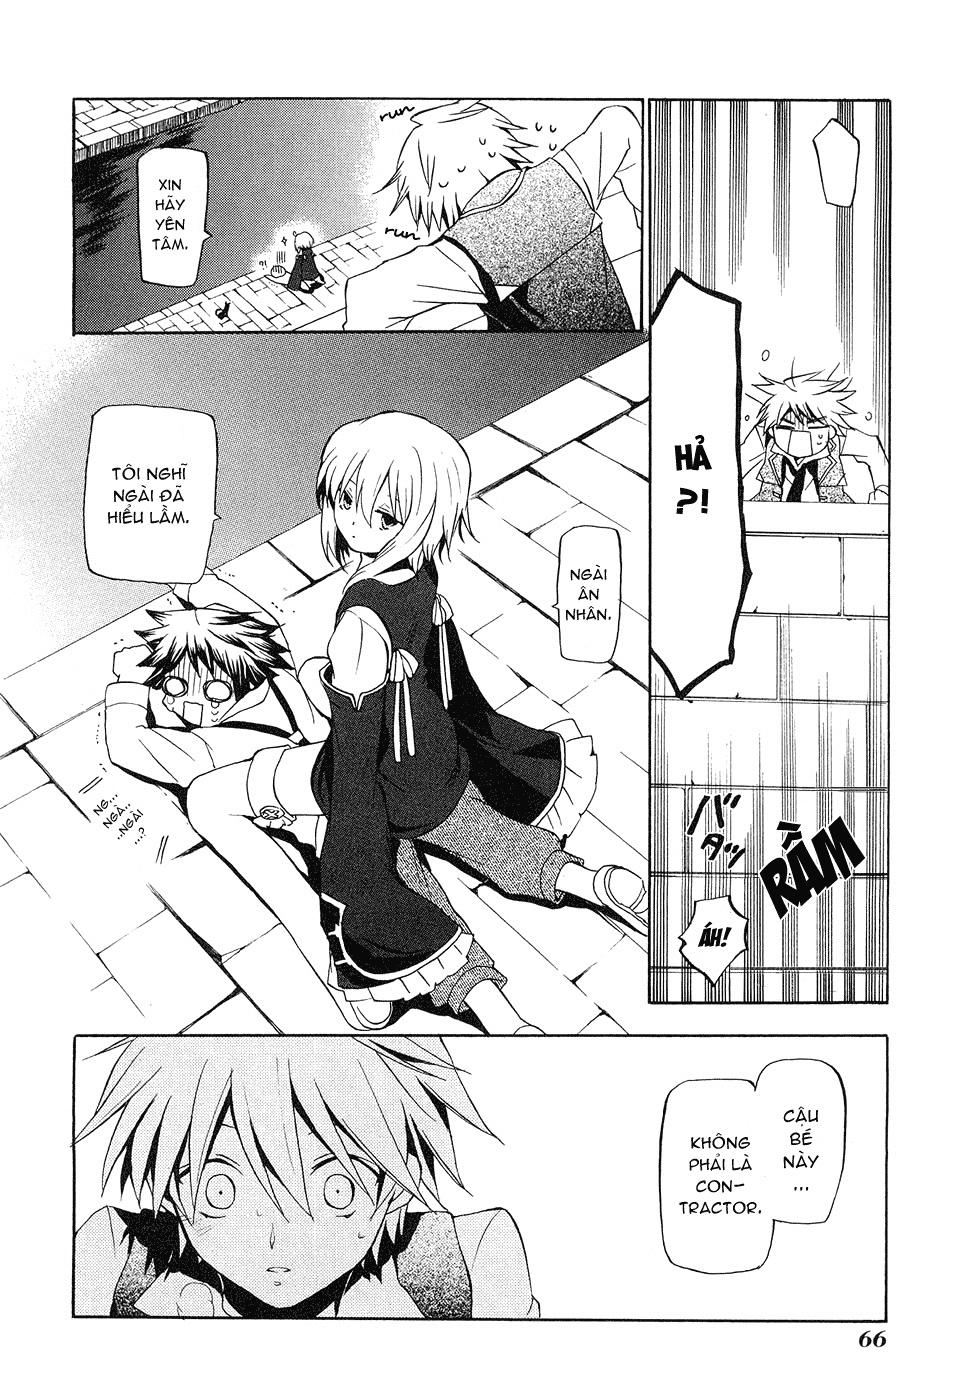 Pandora Hearts chương 011 - retrace: xi grim trang 21